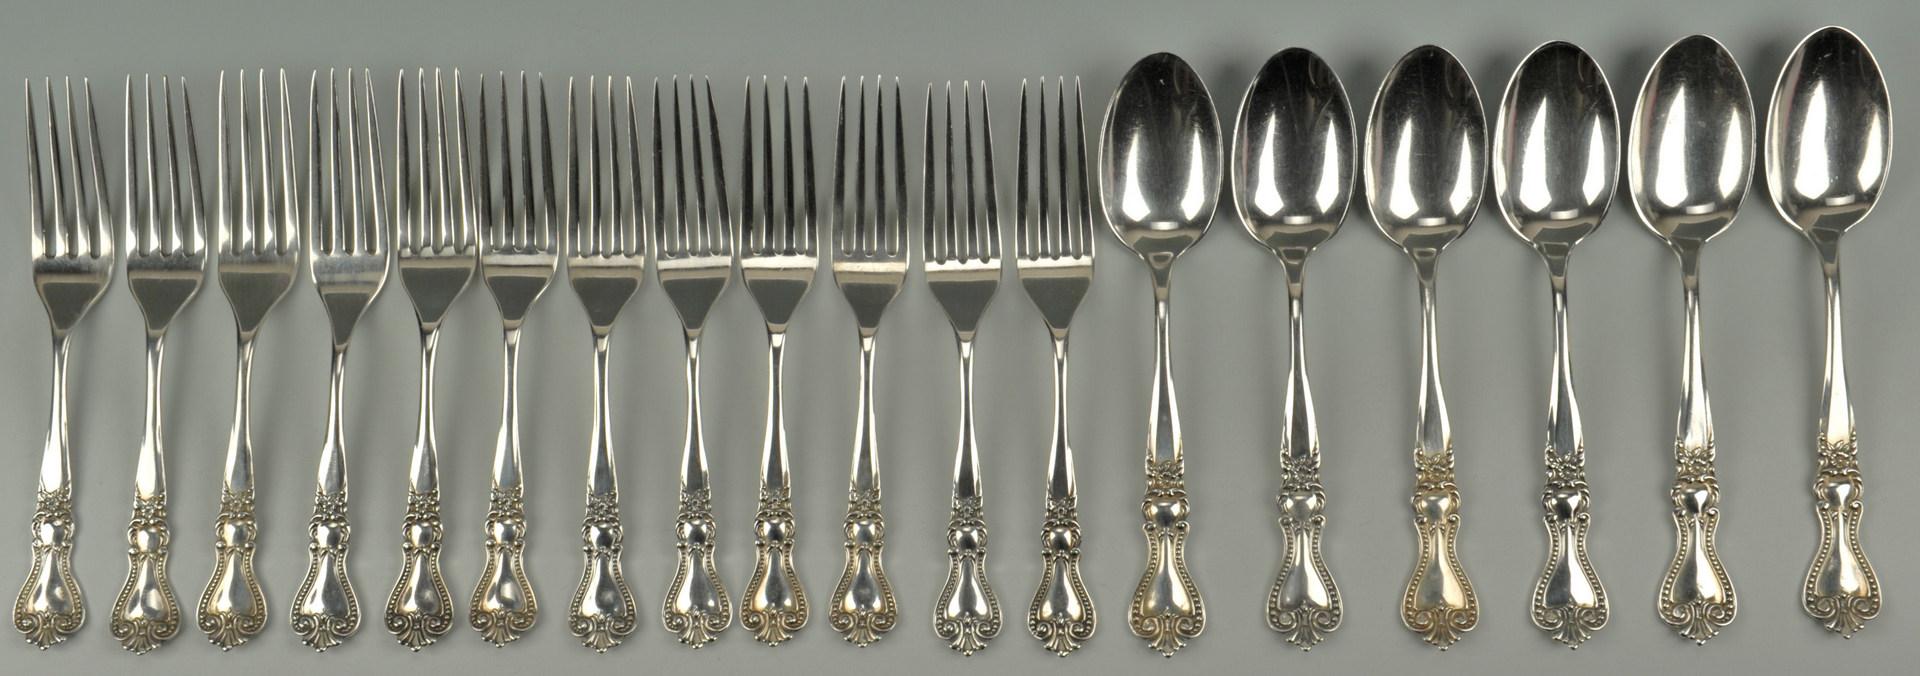 Lot 427: Partial set Fessenden Sterling Flatware, 18 pieces